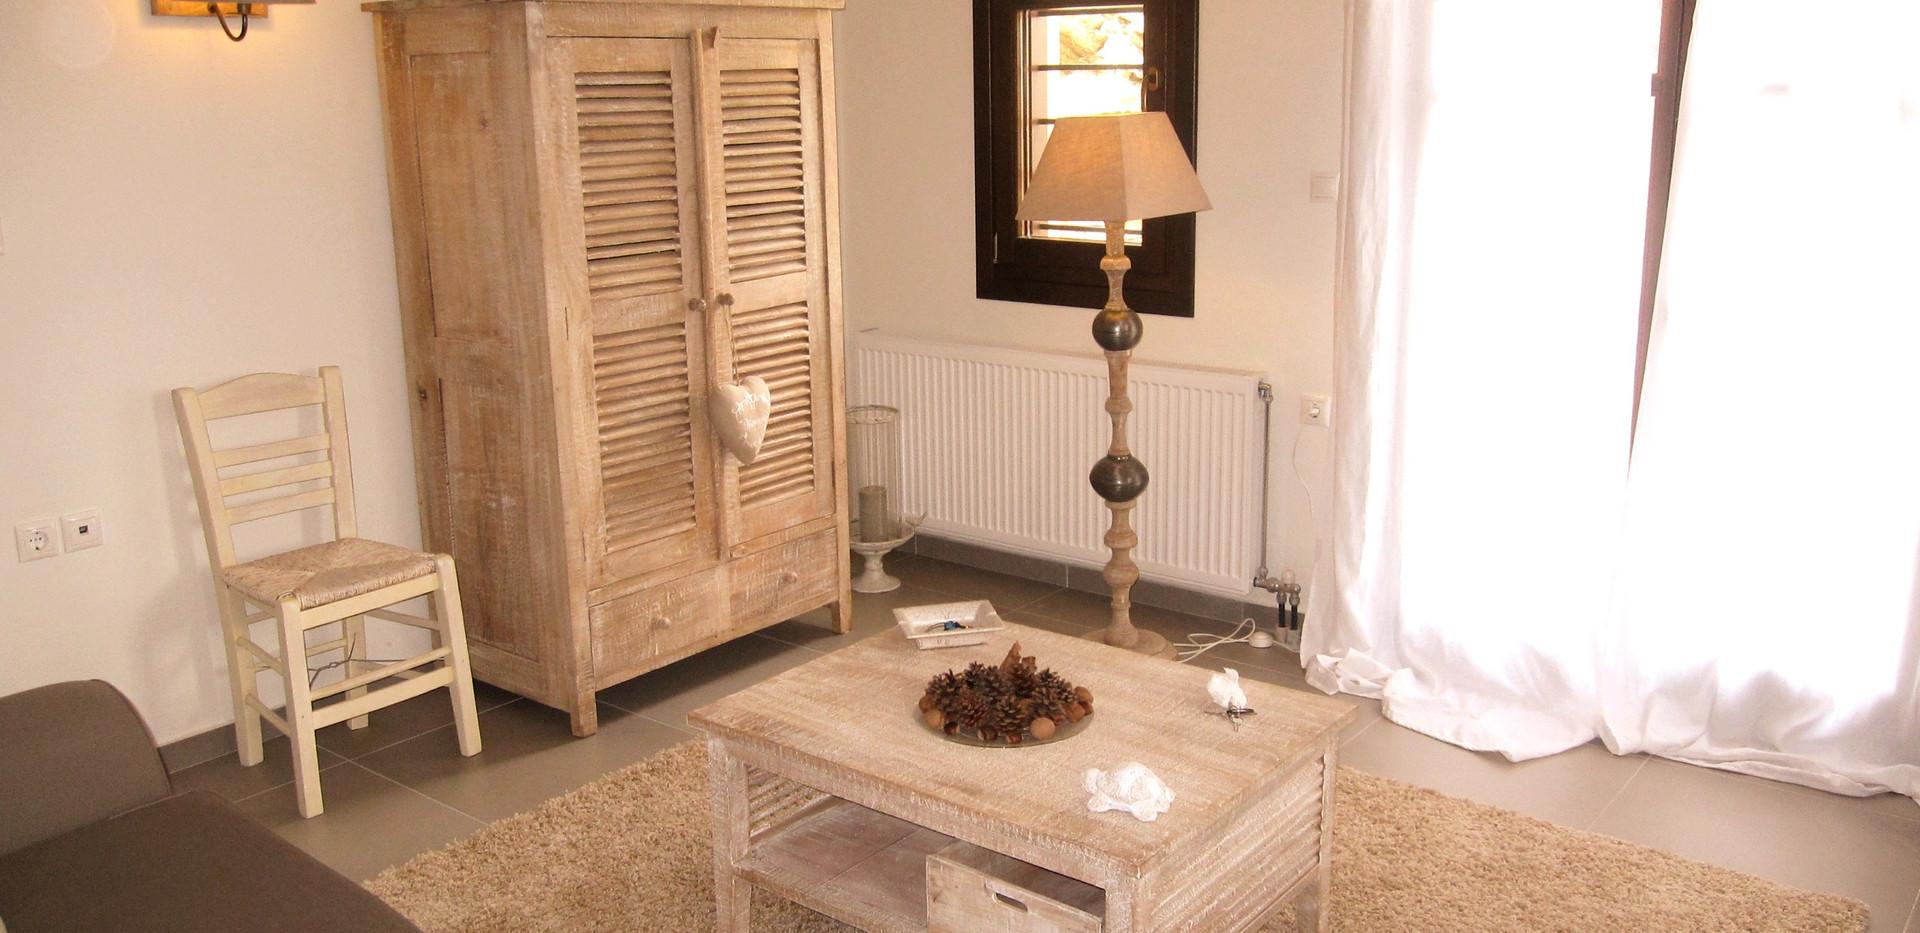 Eriphili livingroom 3.jpg